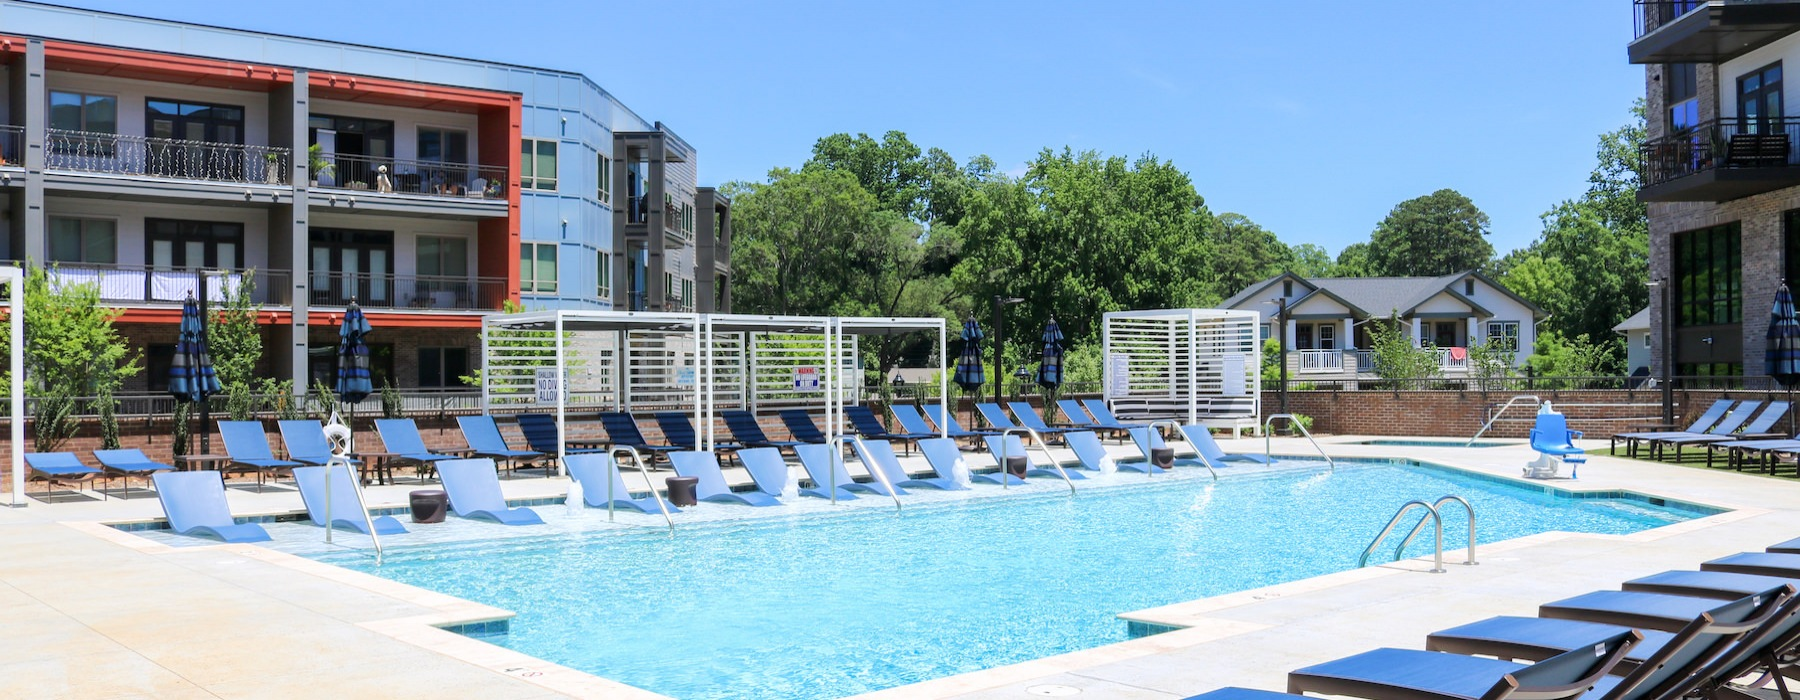 Phase II pool